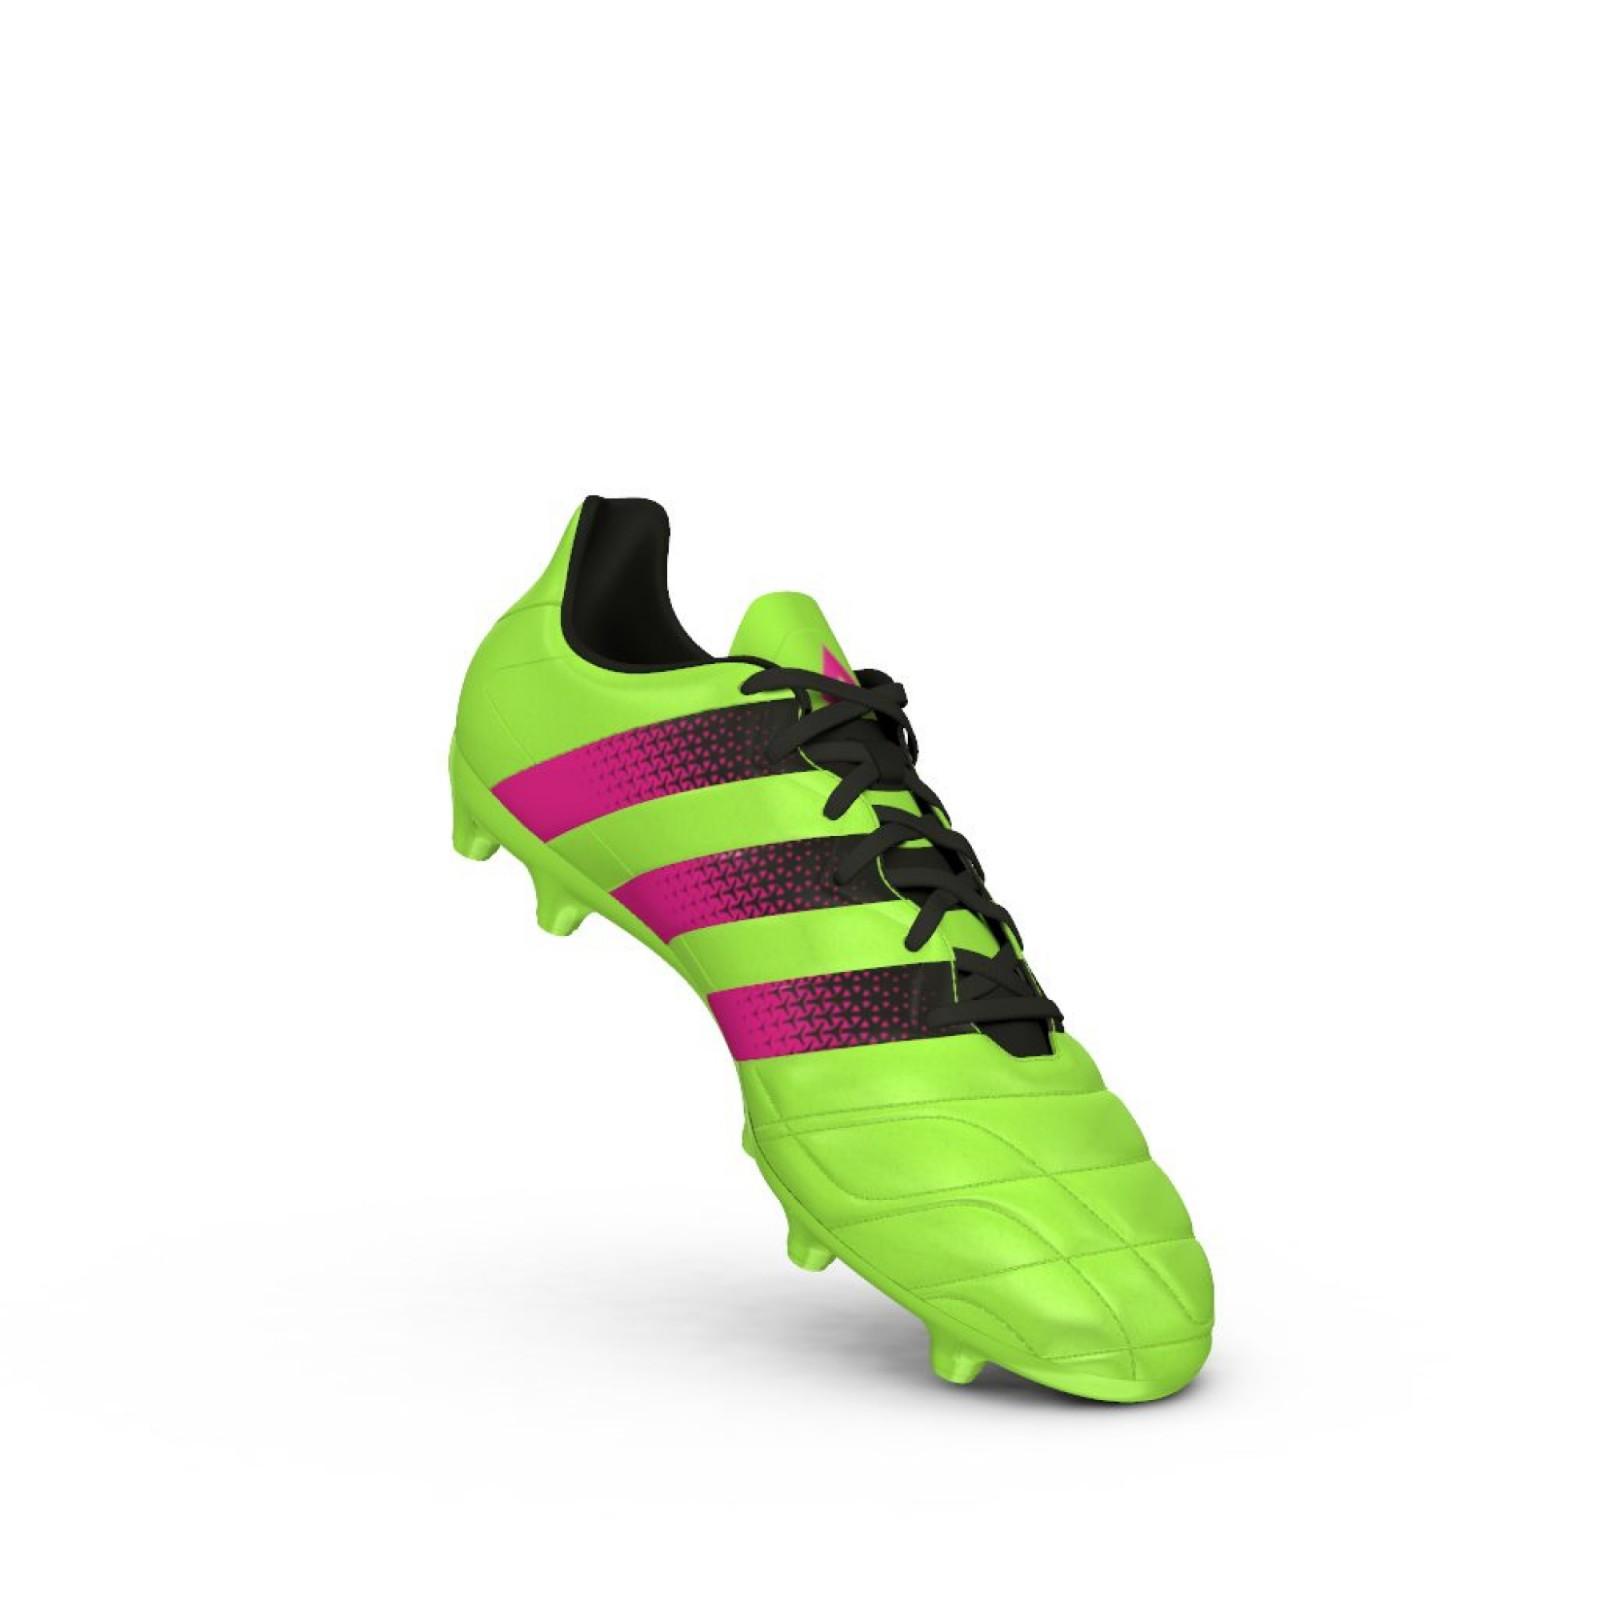 Pánské kopačky adidas ACE 16.3 FG AG Leather  e2b0256609